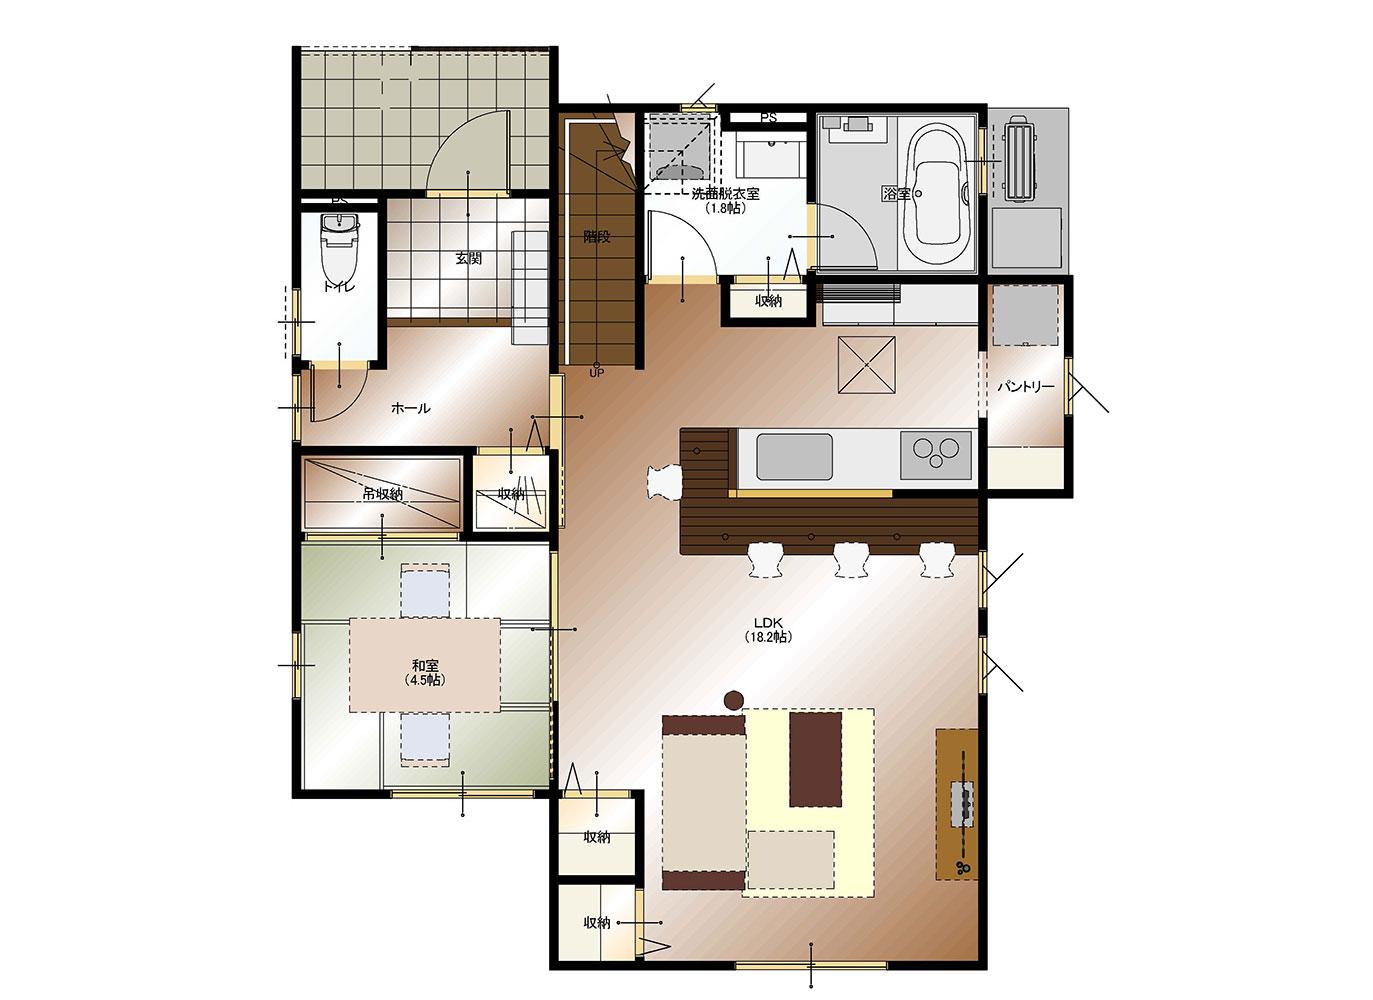 甲府市上今井町B13号棟 建売住宅 平面図1F